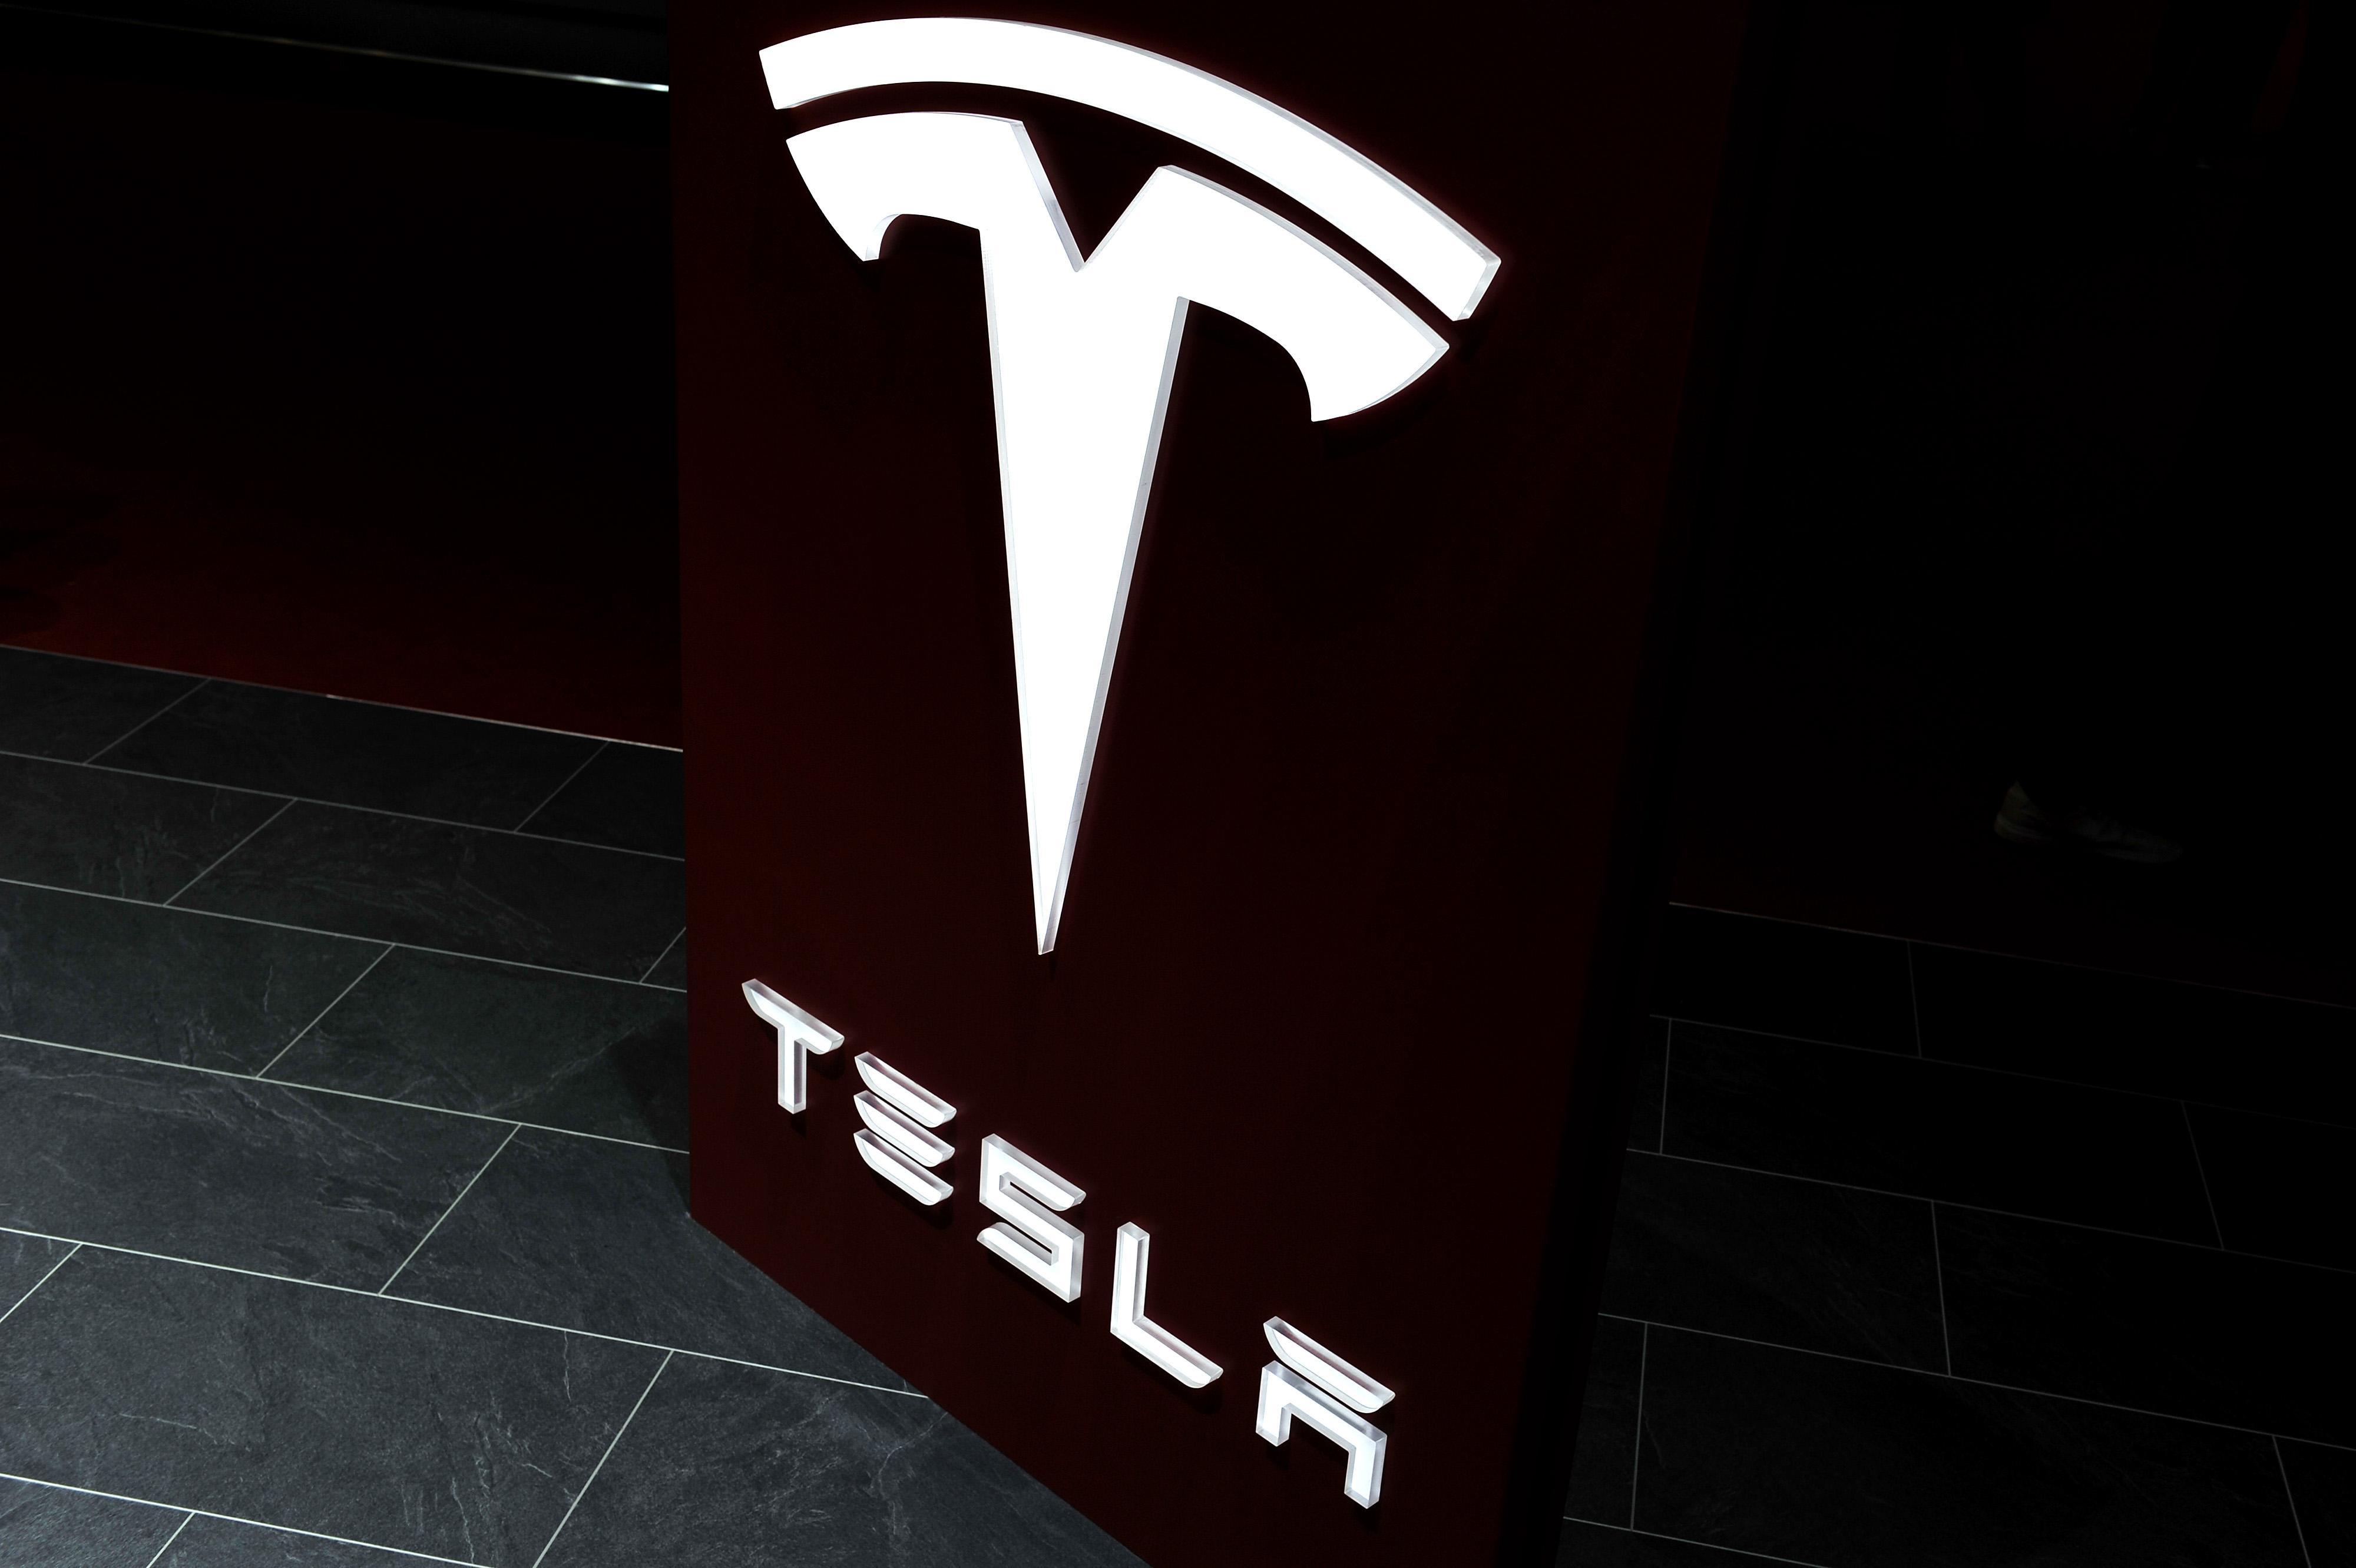 特斯拉 CEO 关于 Model X 的产品反思